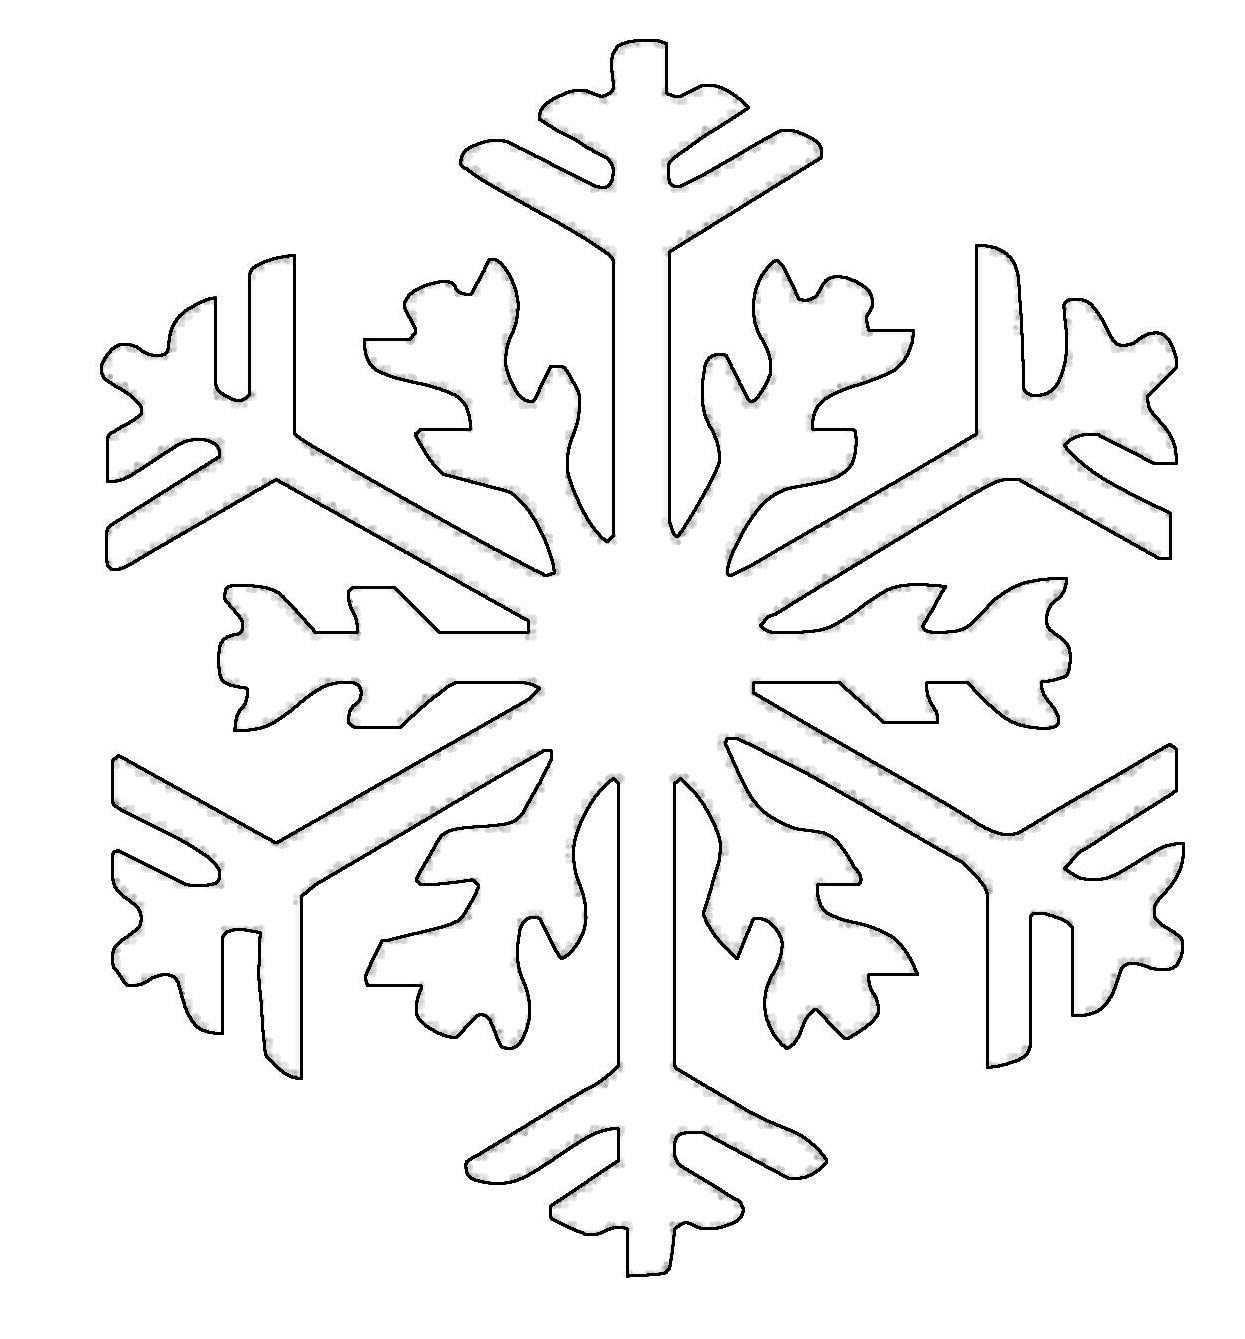 Schneeflocke13 Jpg 1245 1339 Schneeflocken Basteln Vorlage Schneeflocke Vorlage Schneeflocken